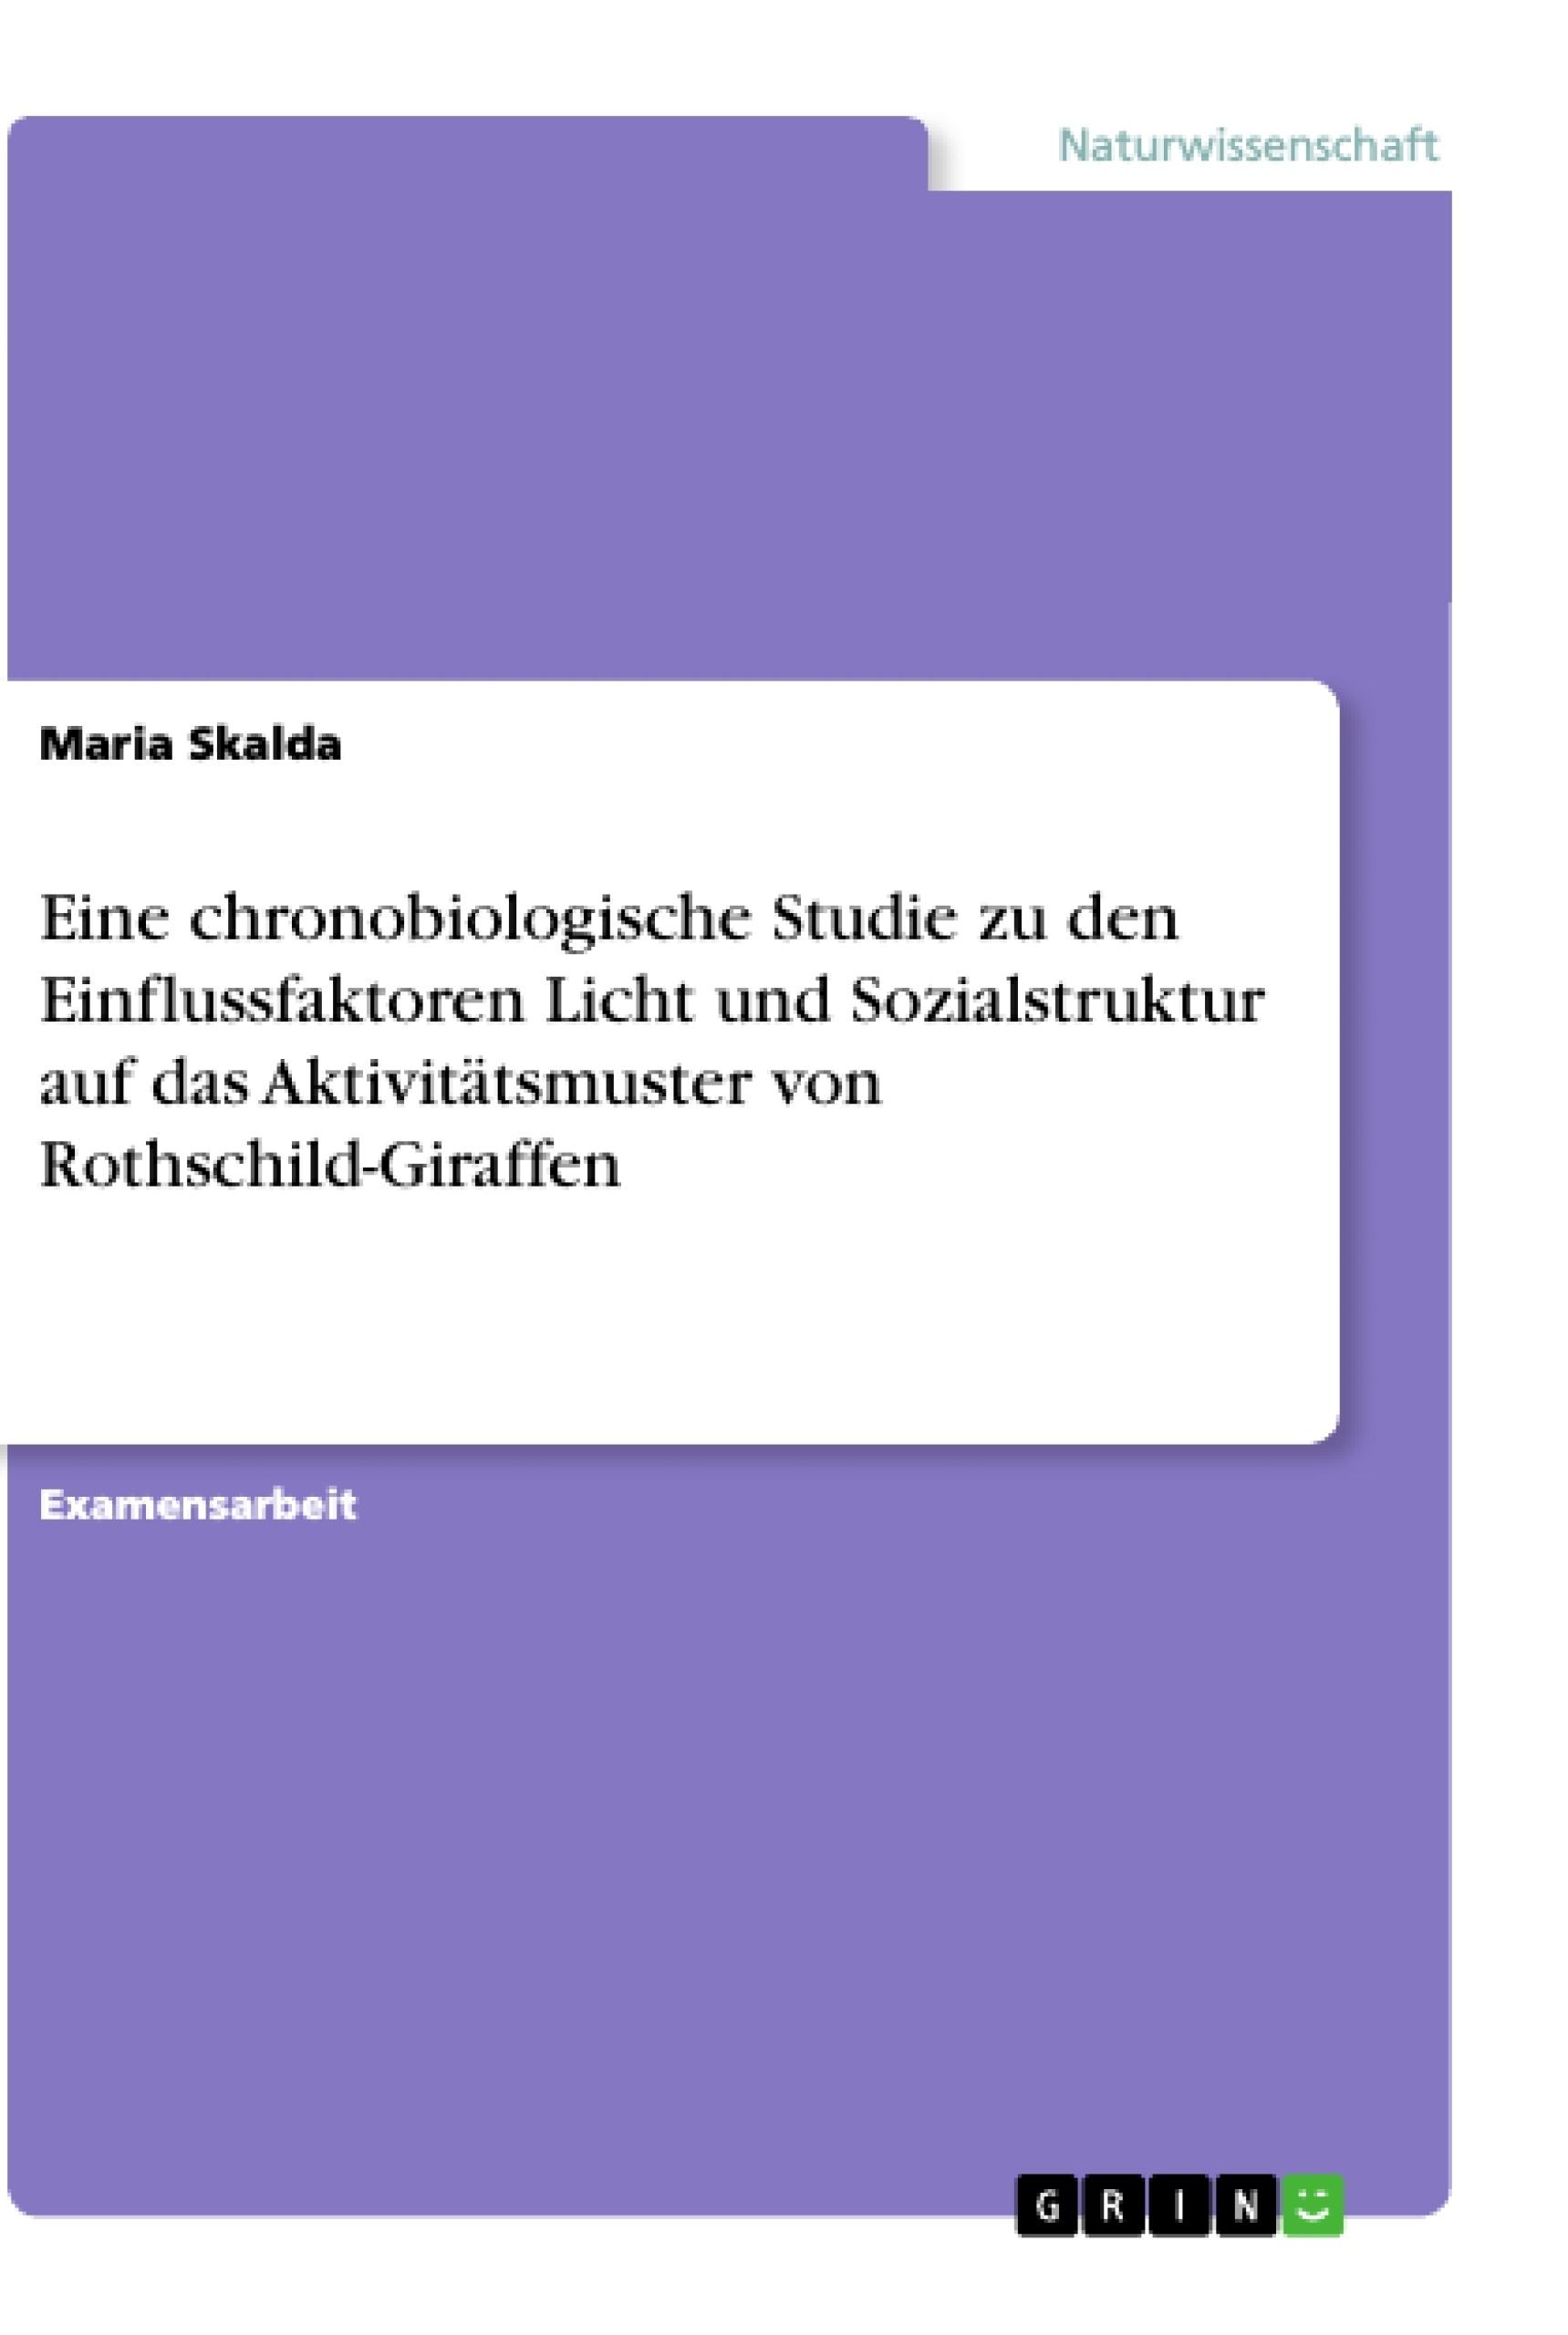 Titel: Eine chronobiologische Studie zu den Einflussfaktoren Licht und Sozialstruktur auf das Aktivitätsmuster von Rothschild-Giraffen